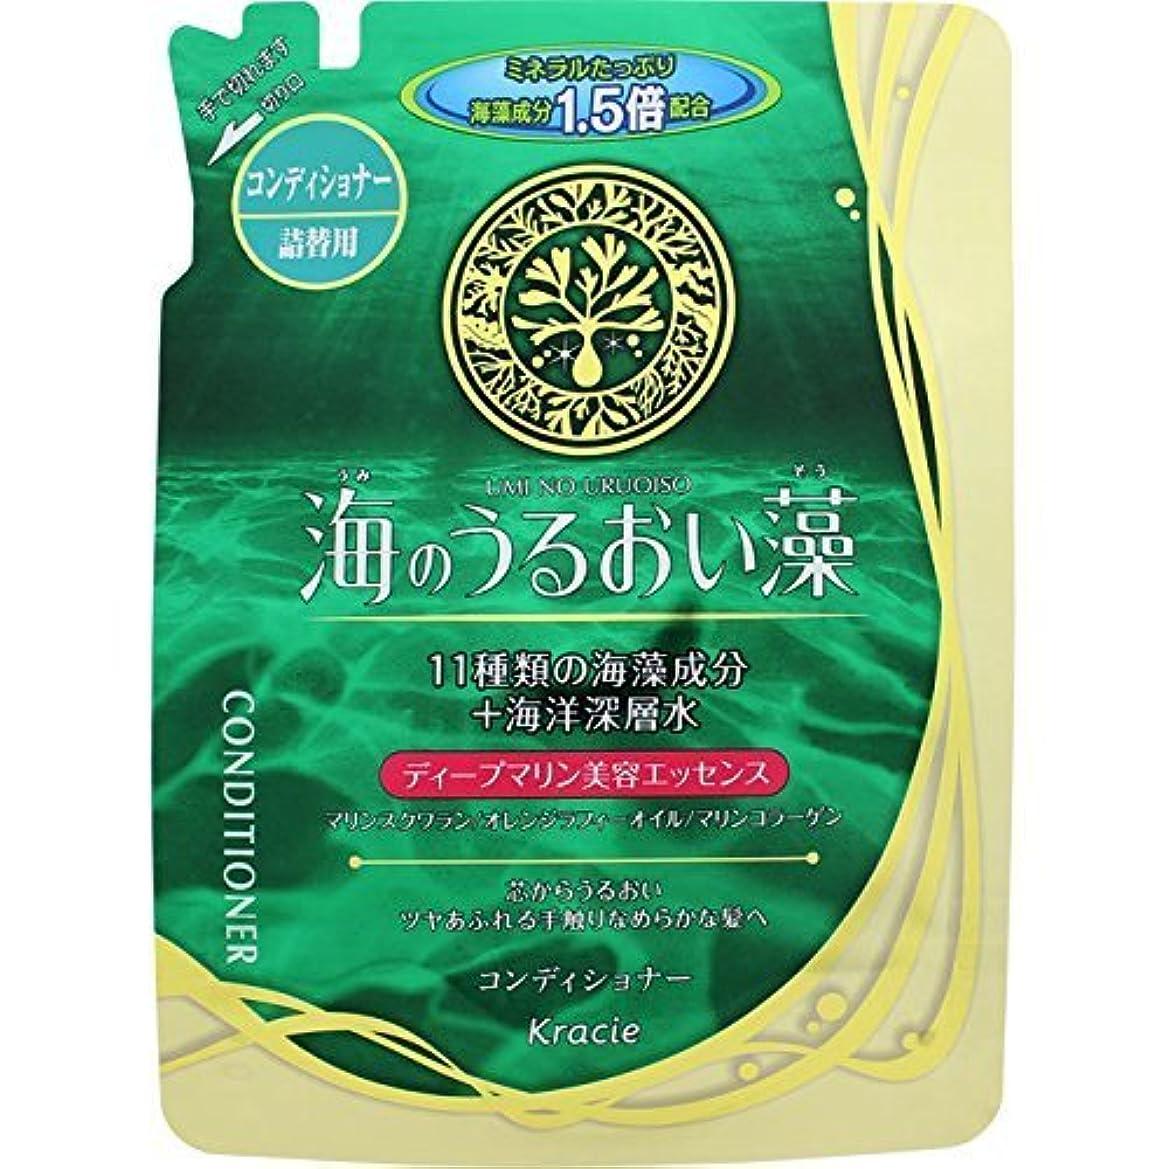 リーズに頼る恥【クラシエ】海のうるおい藻 コンディショナー 詰替用 420ml※お取り寄せ【NT】 ×5個セット